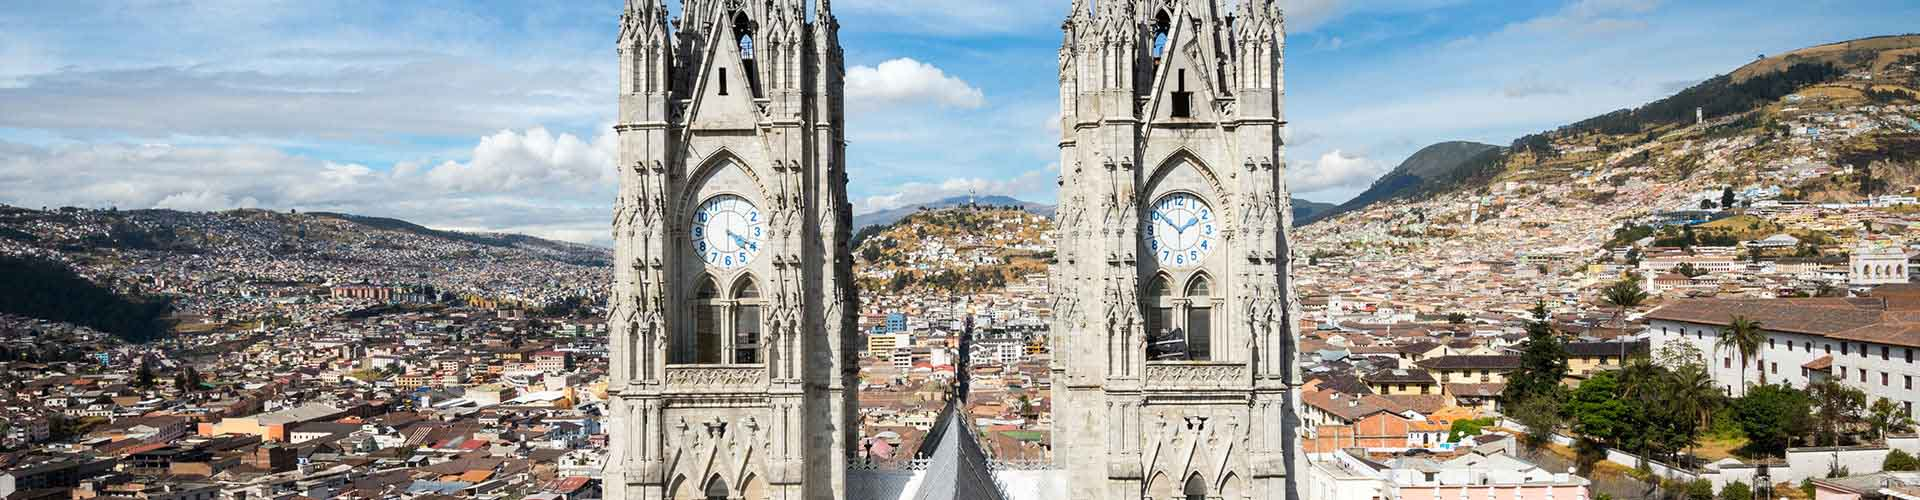 Quito - Albergues Juveniles en Quito. Mapas de Quito, Fotos y Comentarios para cada Albergue Juvenil en Quito.